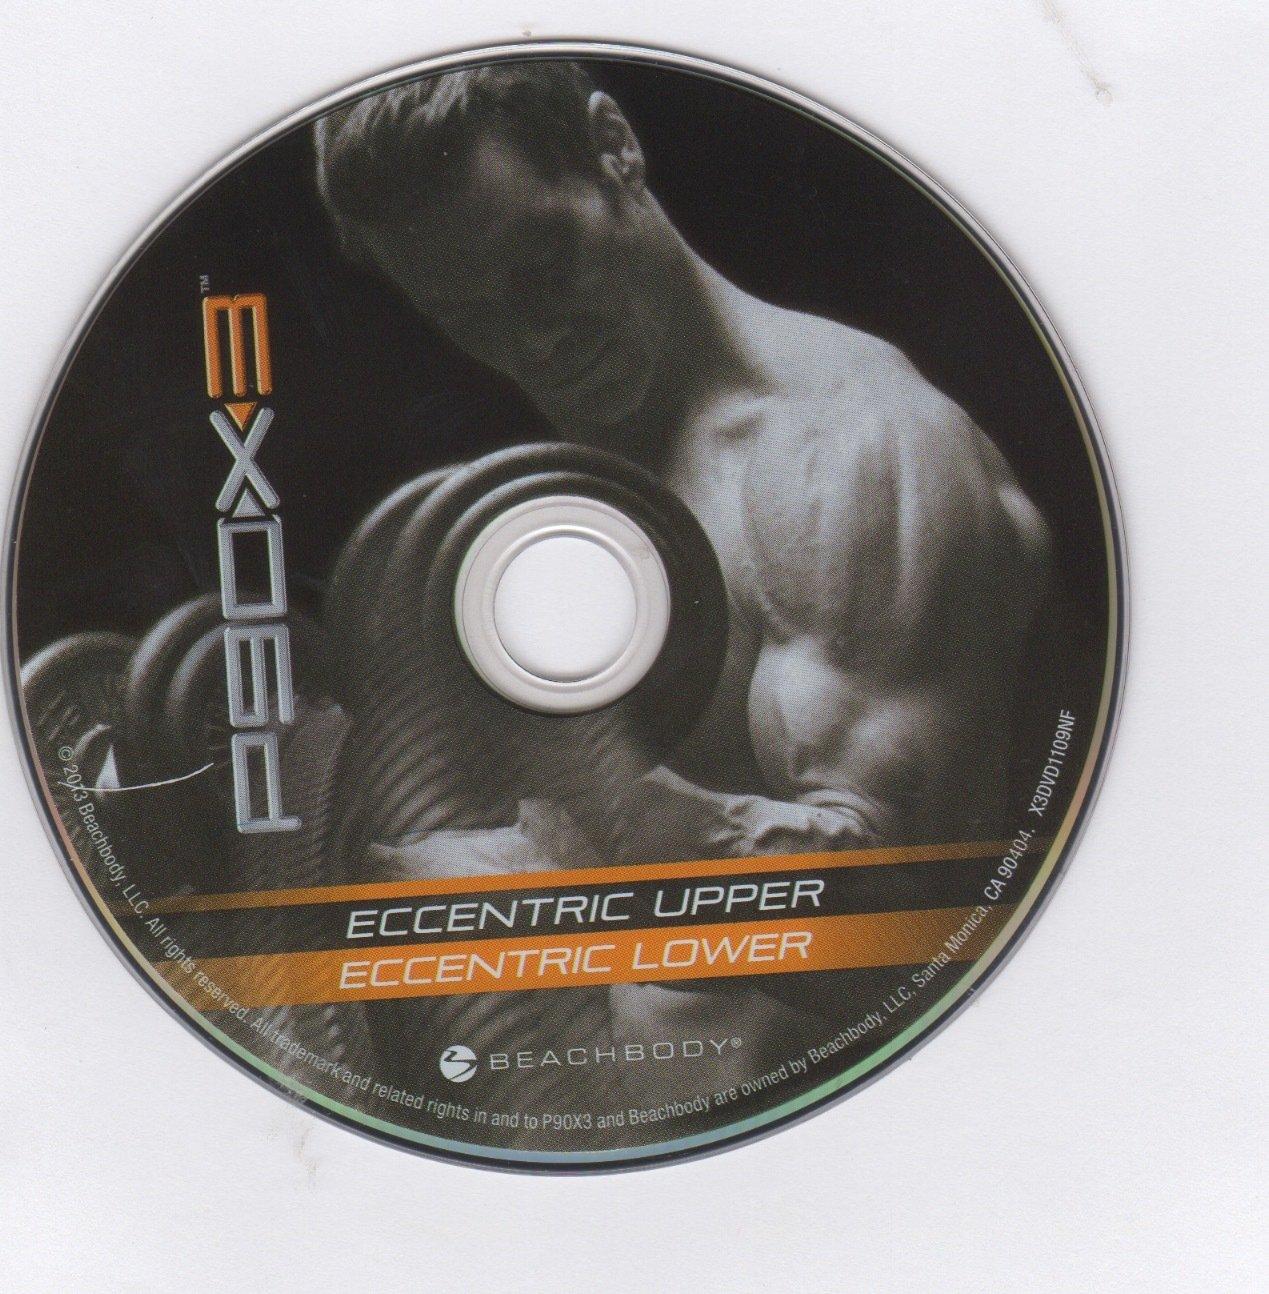 P90x3 Eccentric Upper Amp Eccentric Lower Replacement Disc Dvd